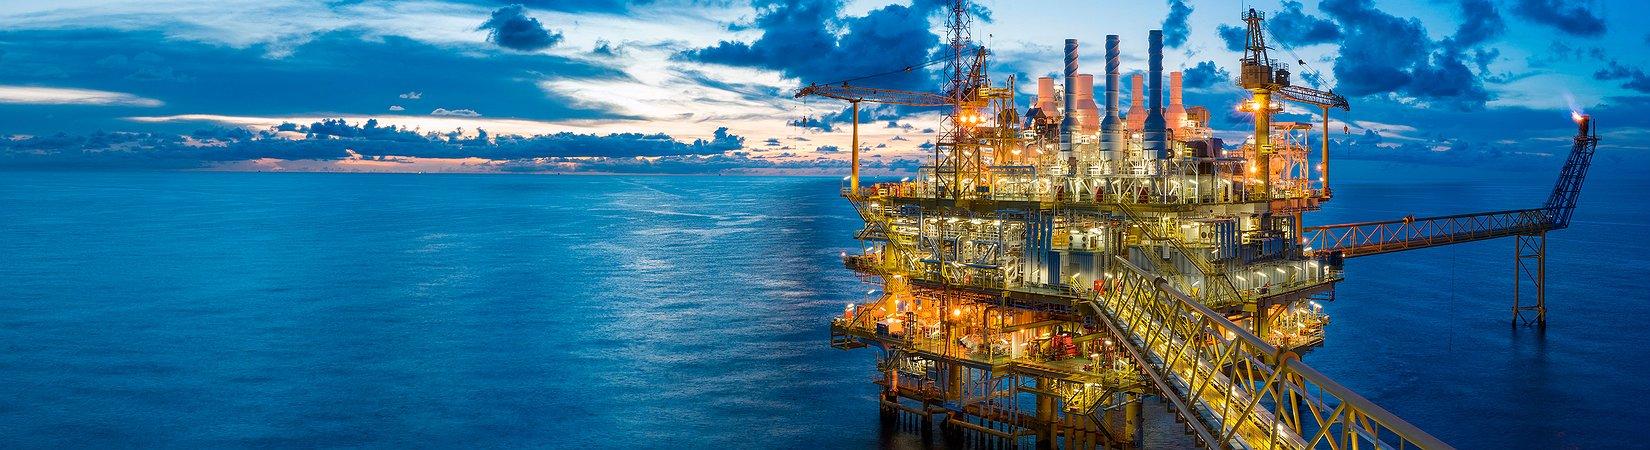 Sube el precio del petróleo a la espera del resultado de la reunión de la OPEP